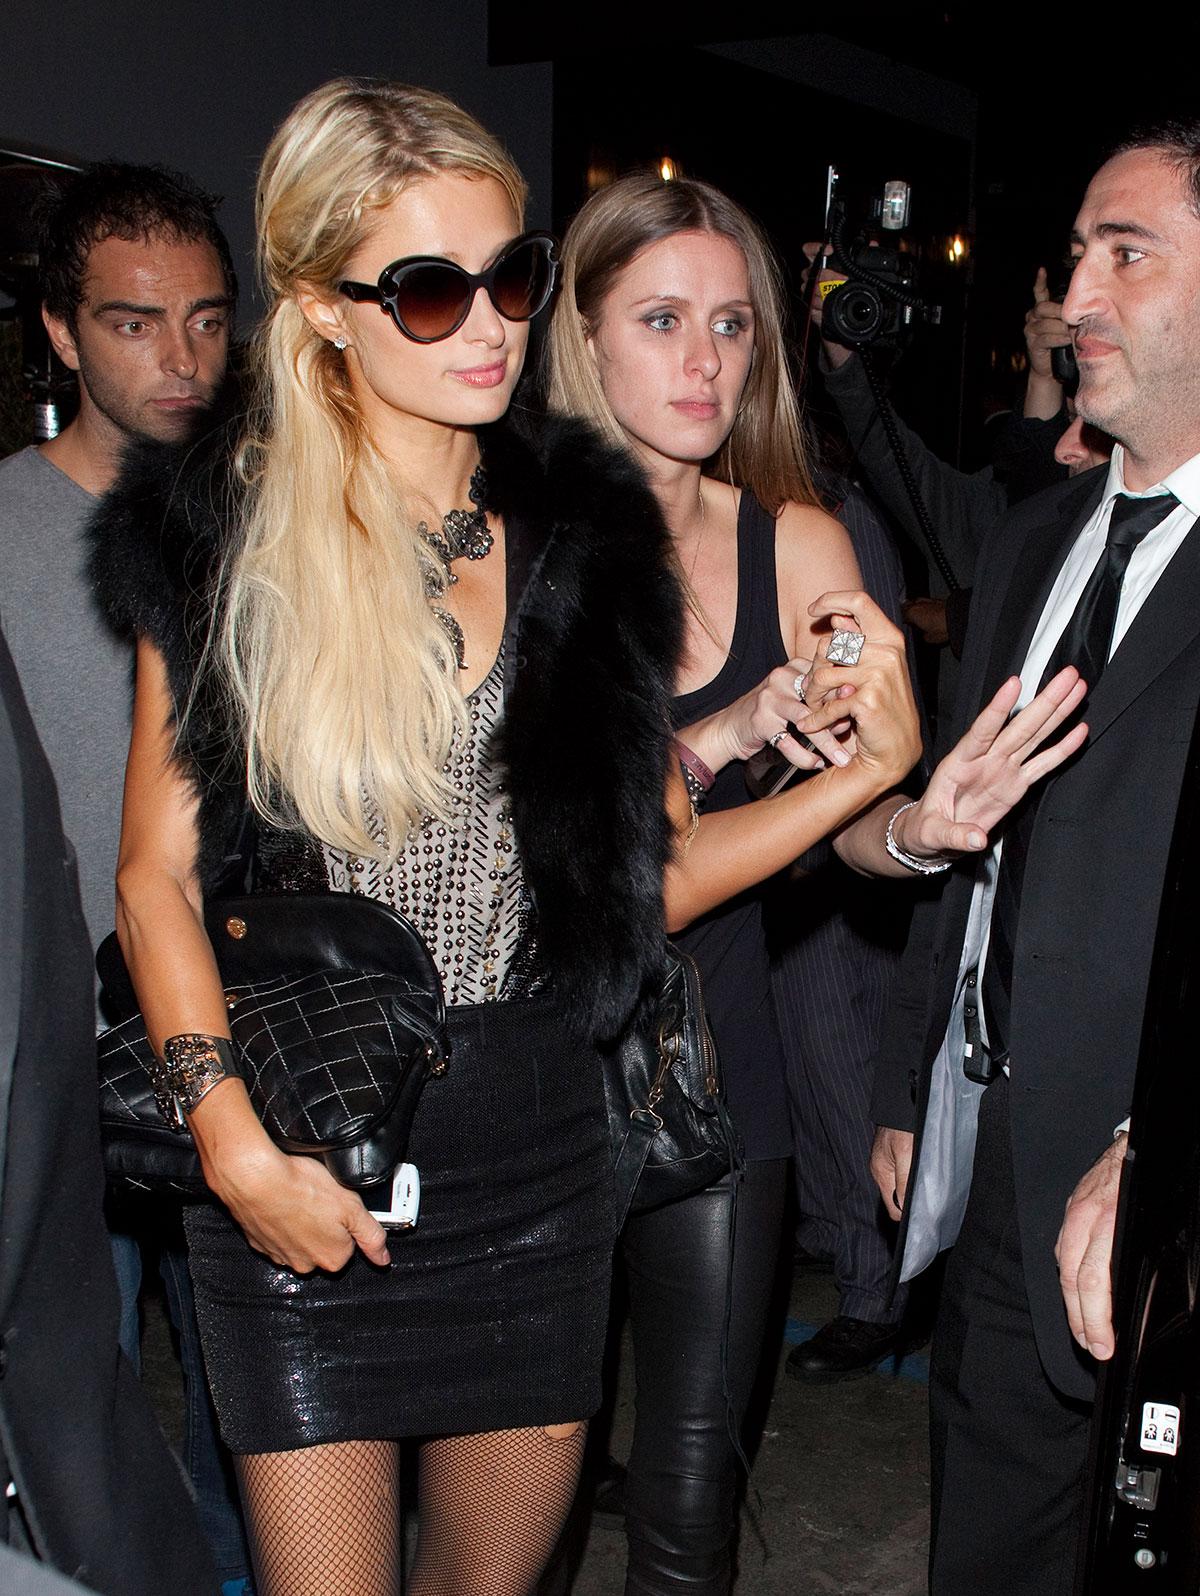 Paris and Nicky Hilton leave Greystone Manor nightclub